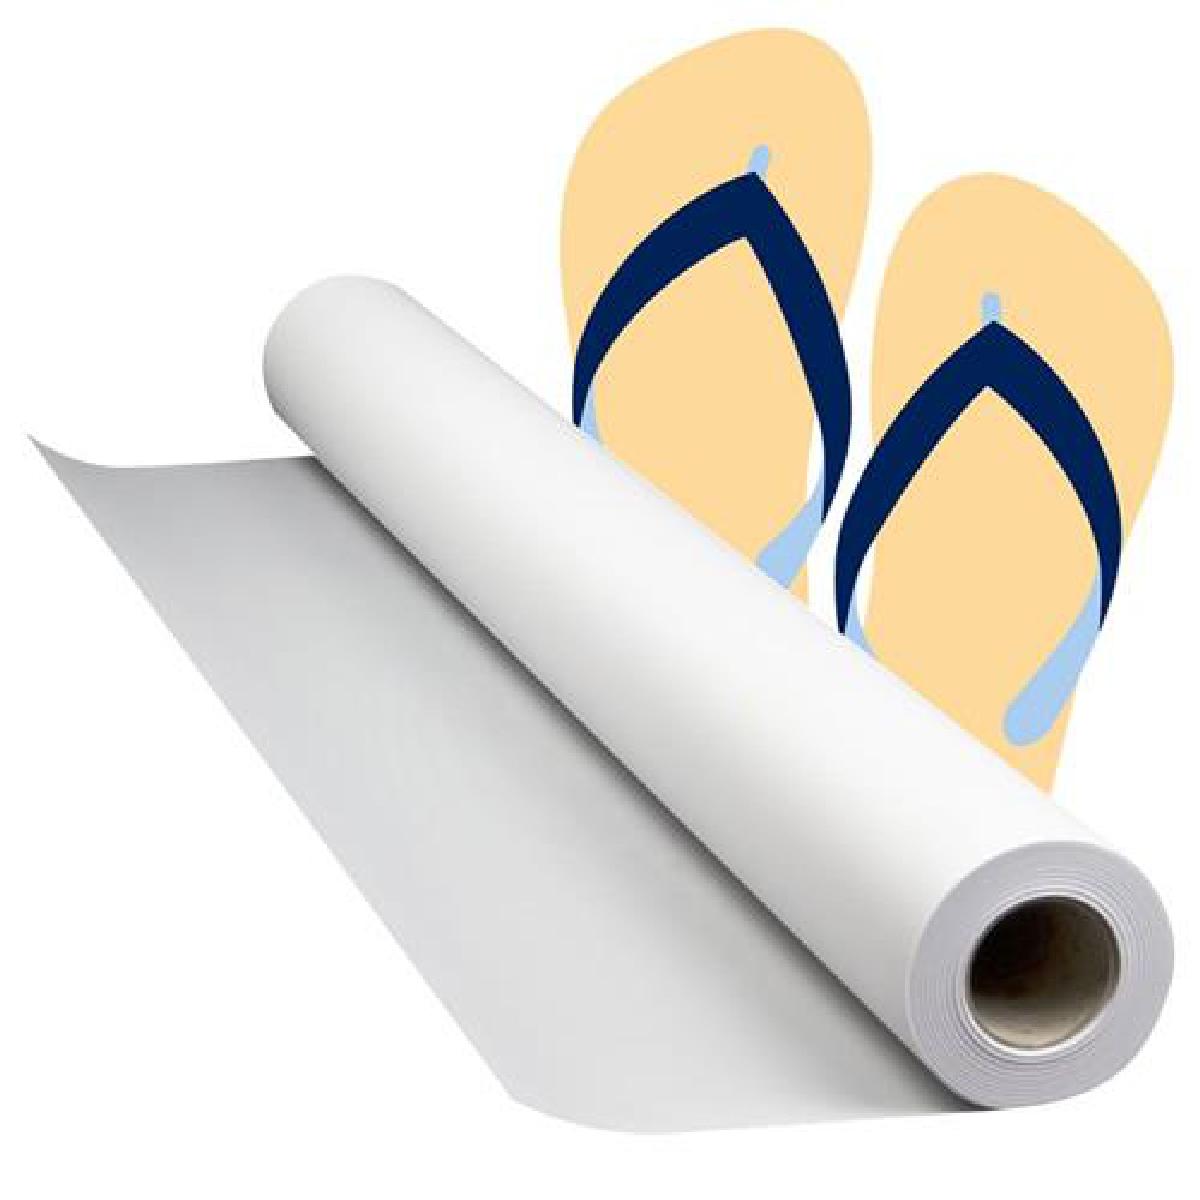 Sublitex - Termocolante Para Chinelos 20 Metros x 46 cm